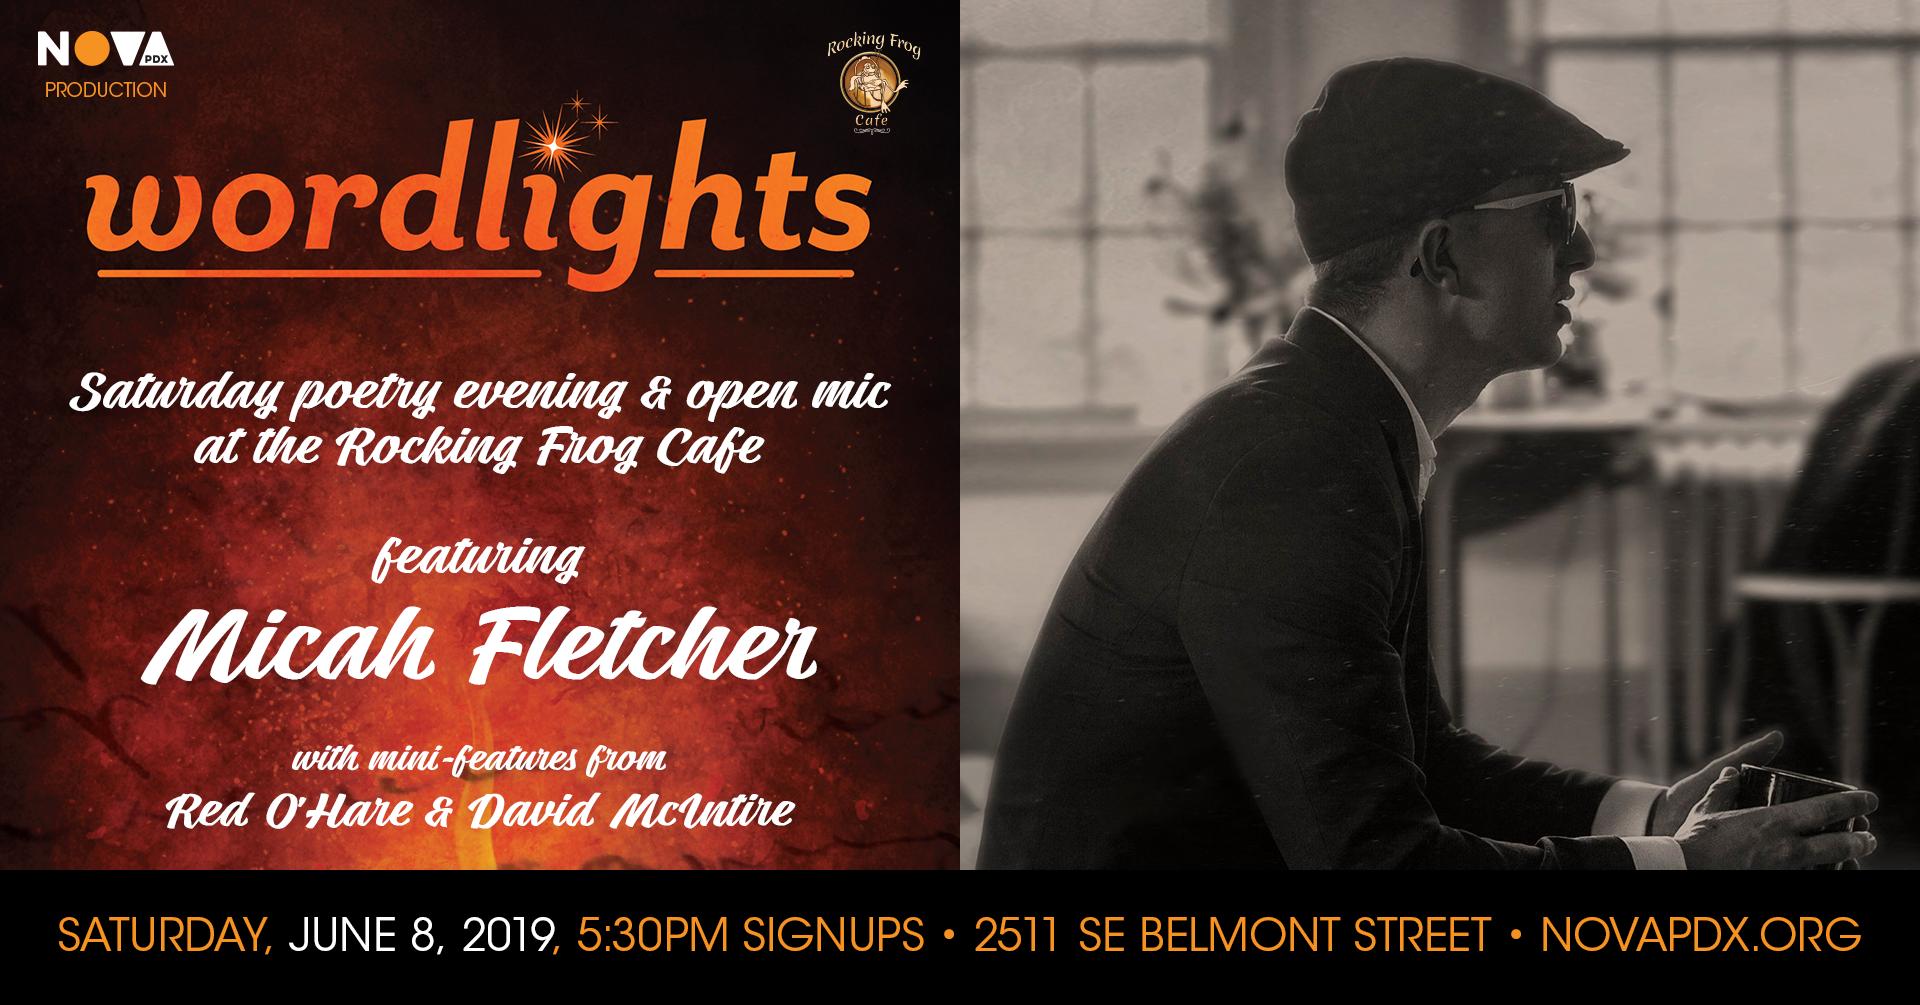 Wordlights-FB-Event-HeaderNew-06082019.png